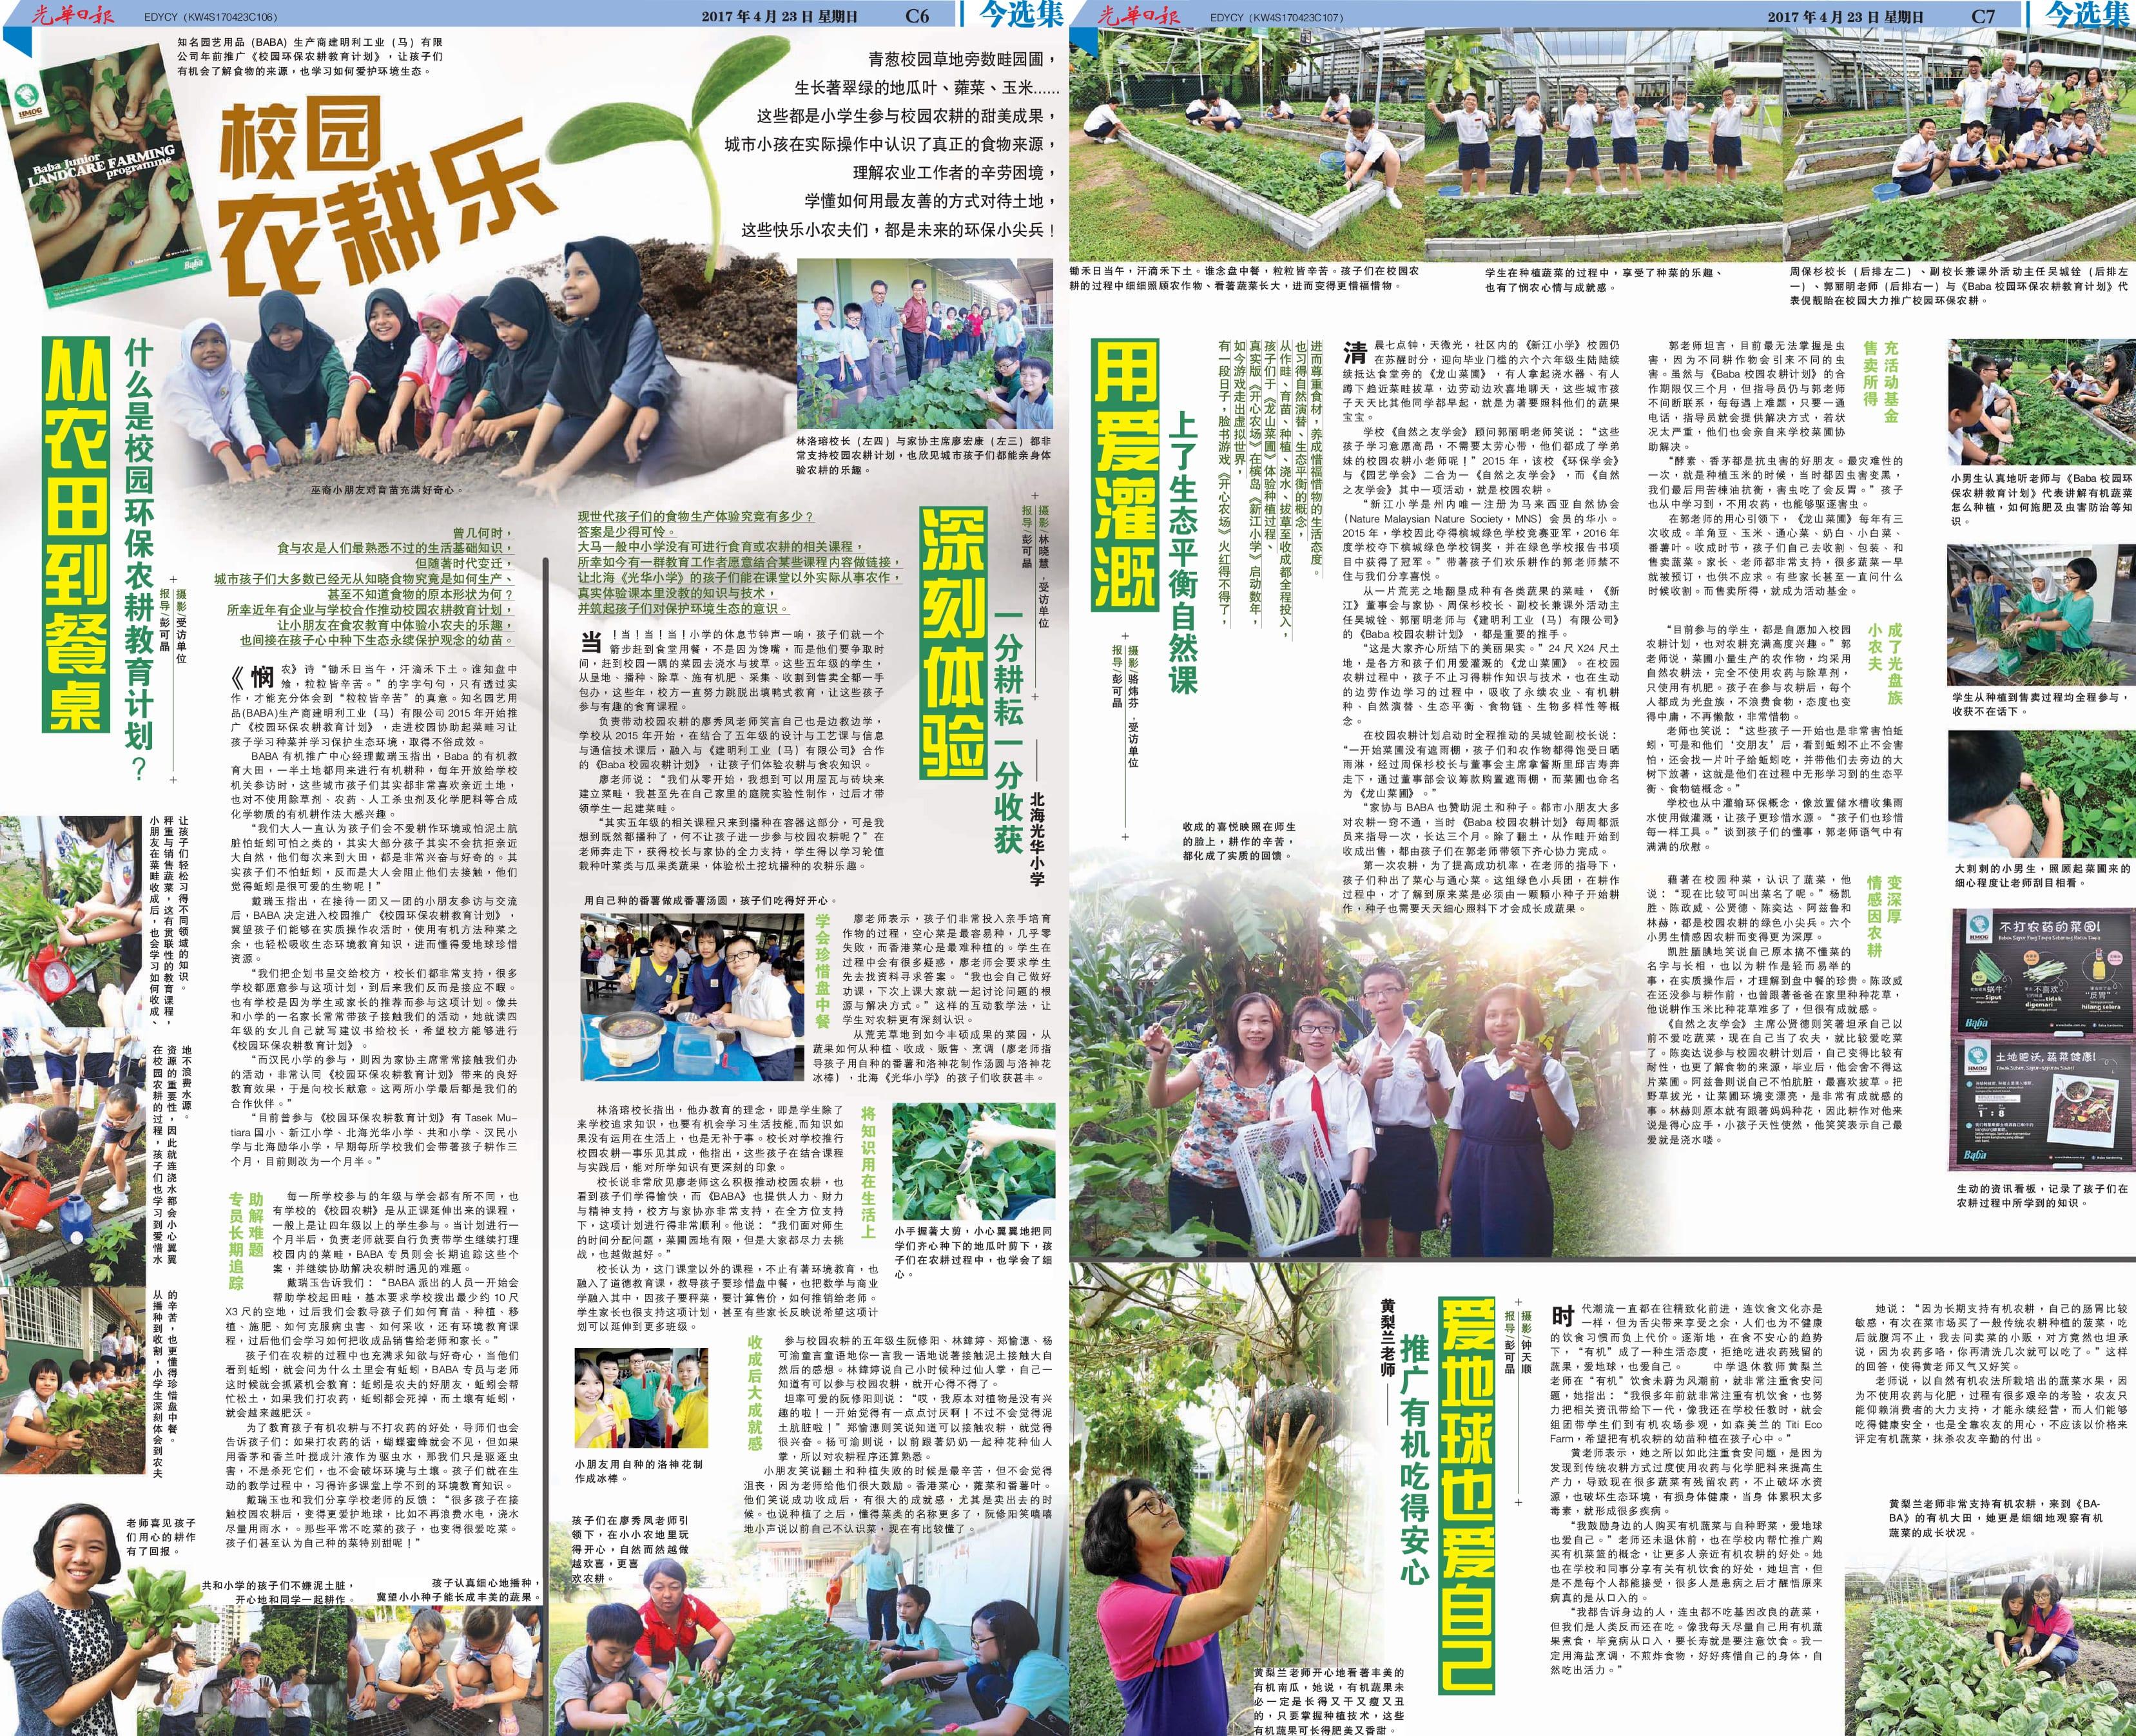 PressReader: 光华日报(晚), Sunday, April 23, 2017, Page